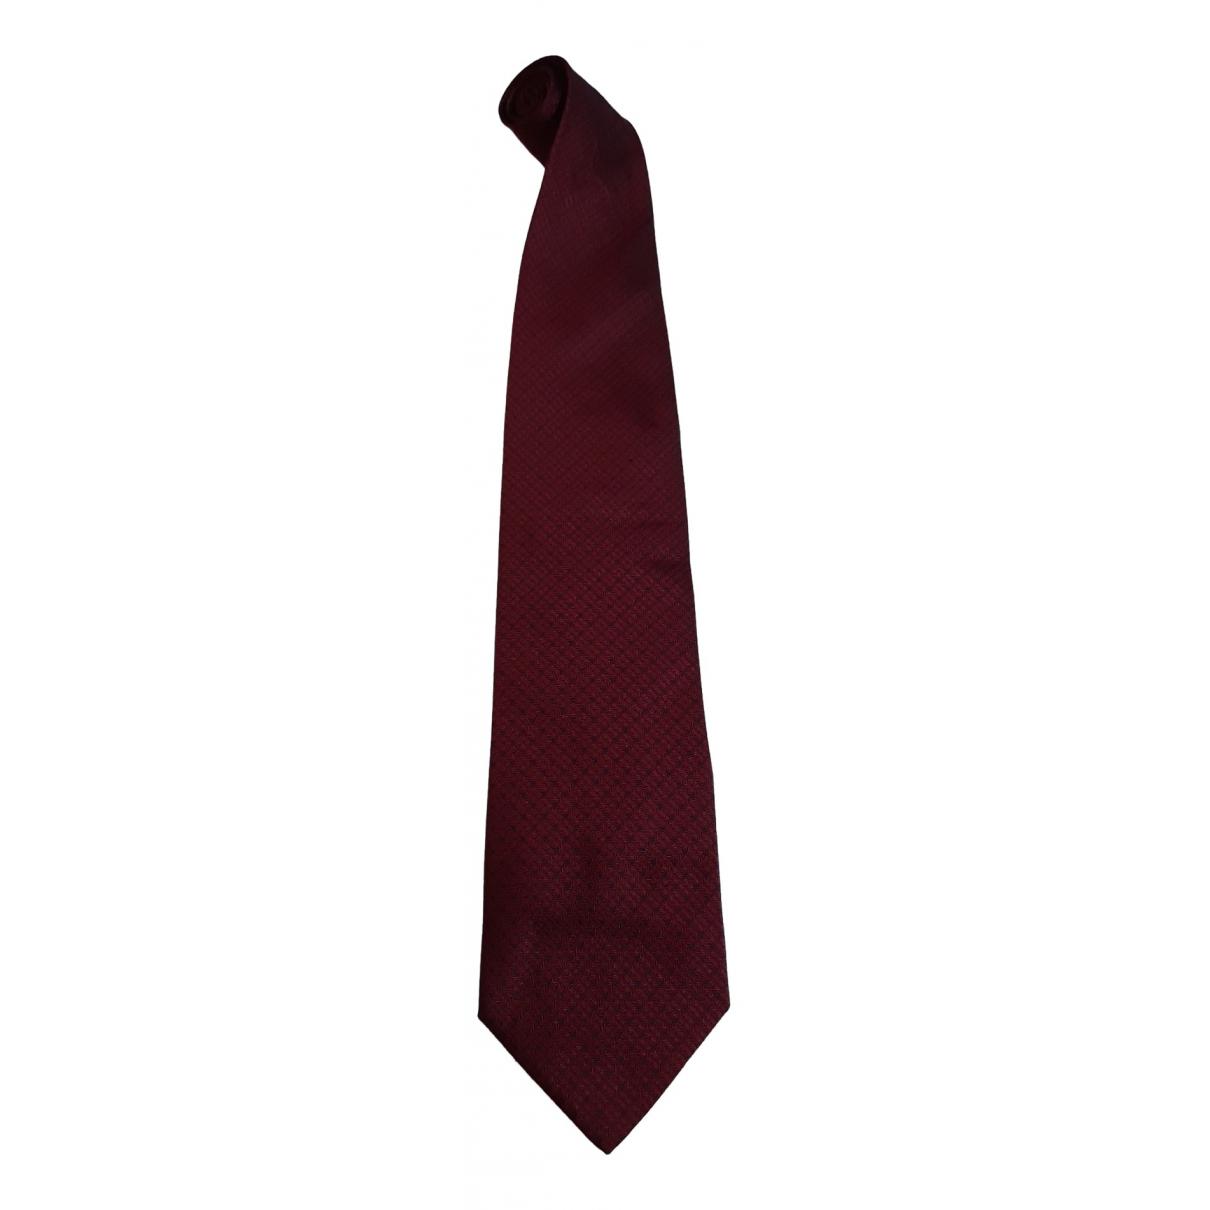 D&g \N Burgundy Silk Ties for Men \N